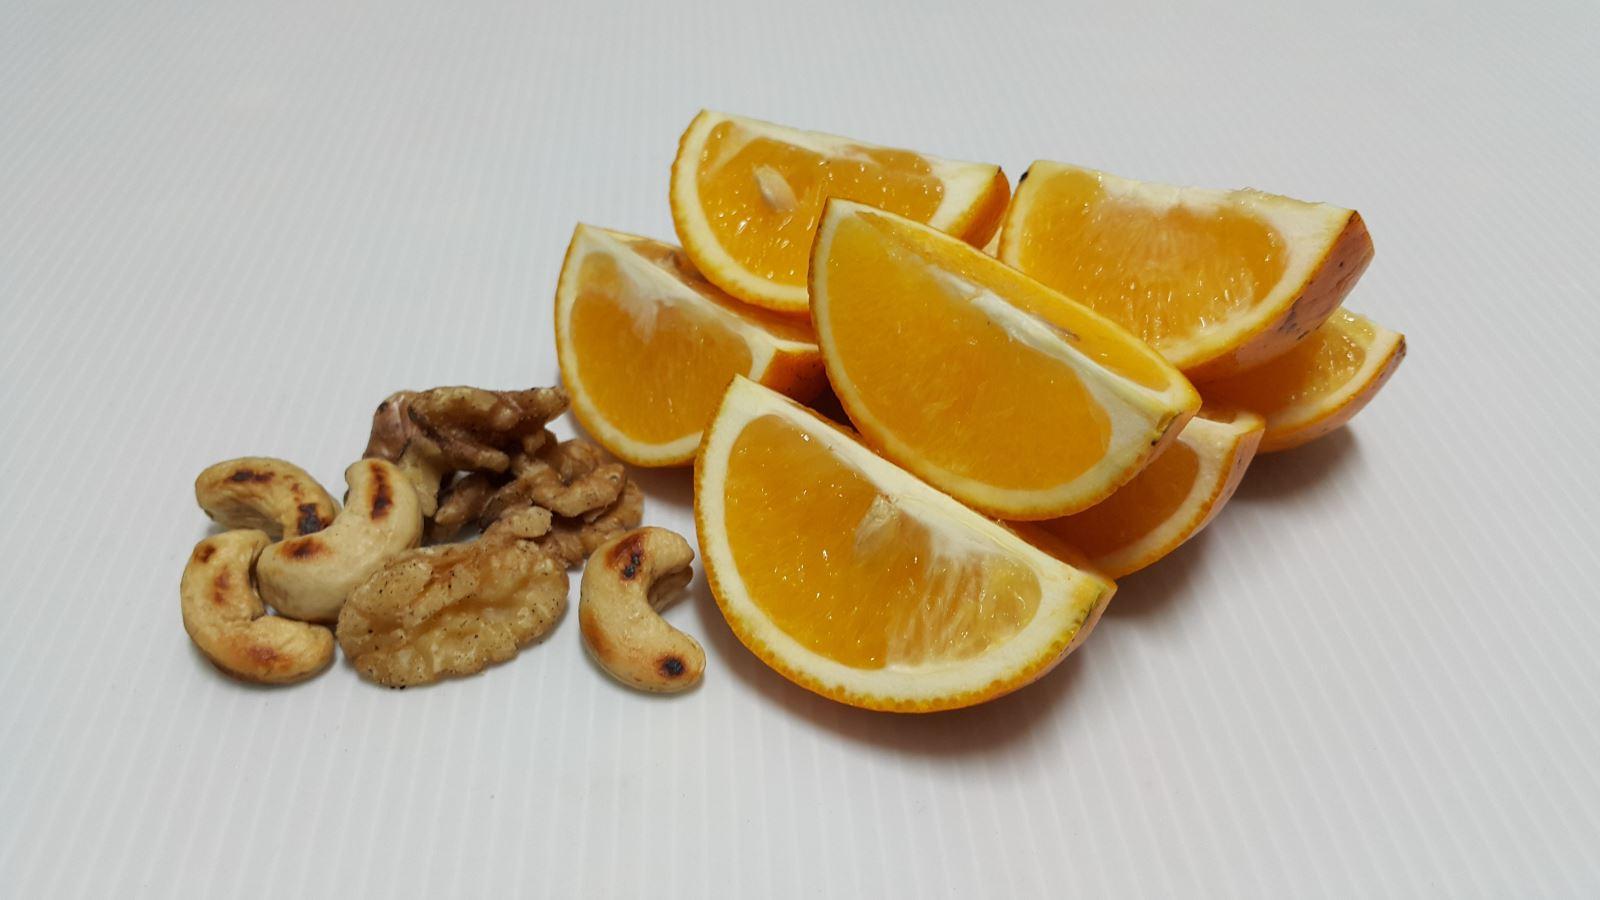 富含維生素C的柑橘類水果